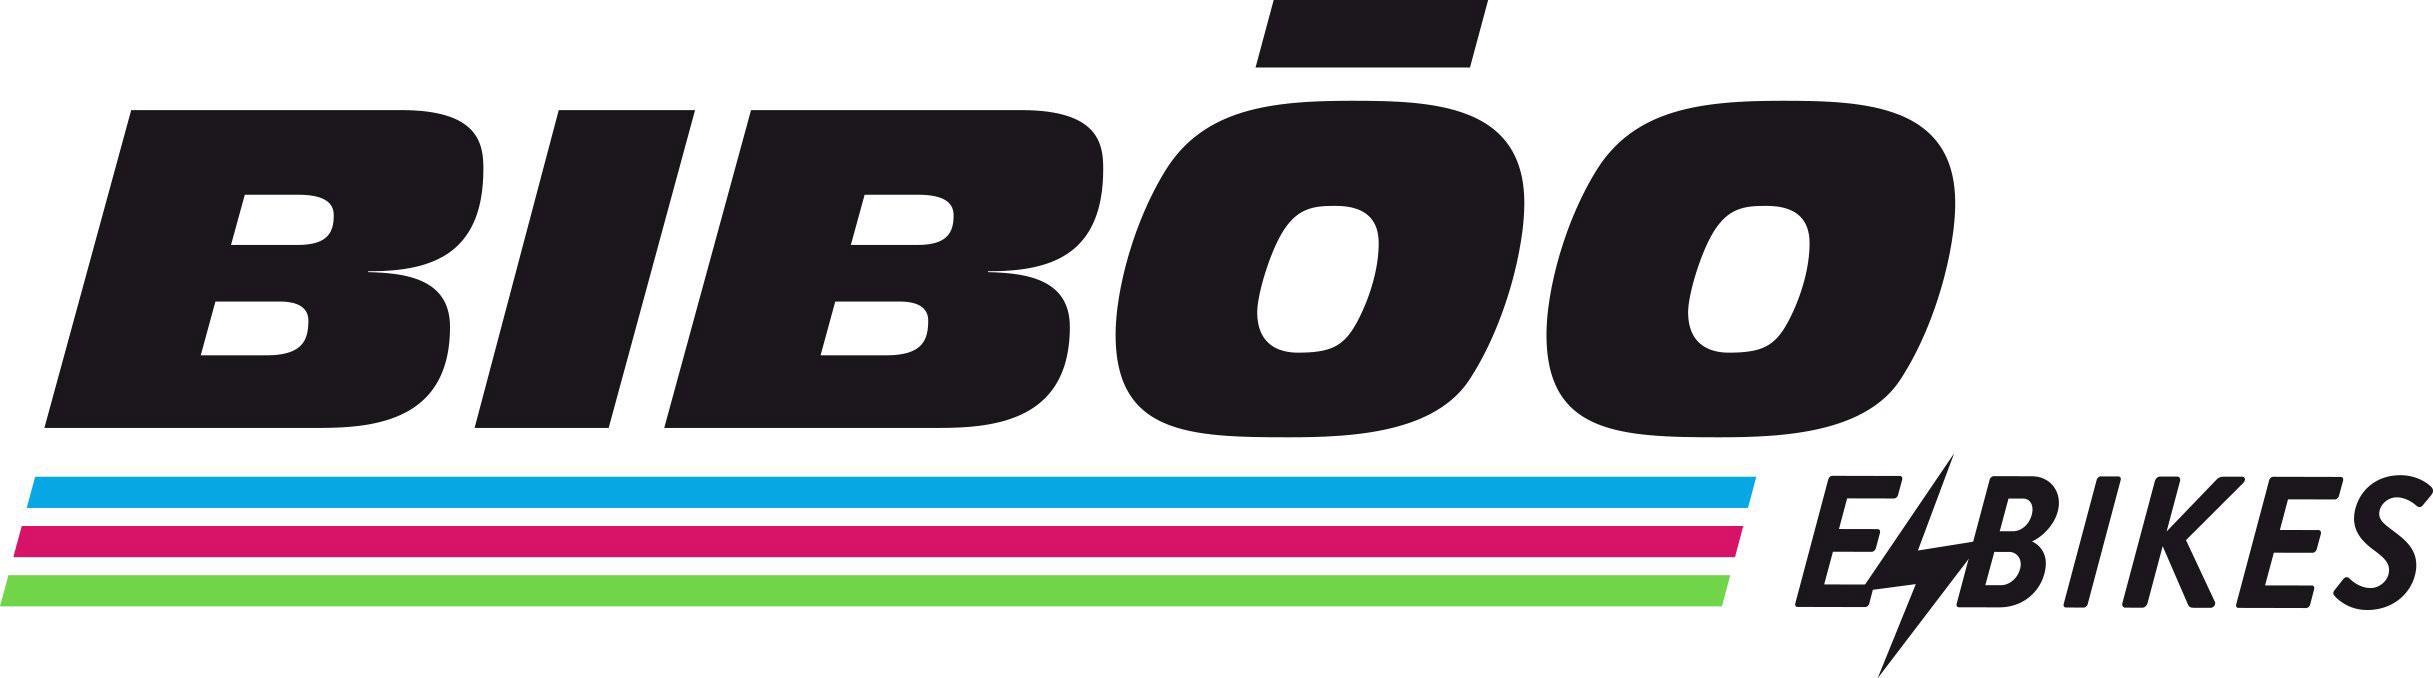 LOGO-BIBOO_